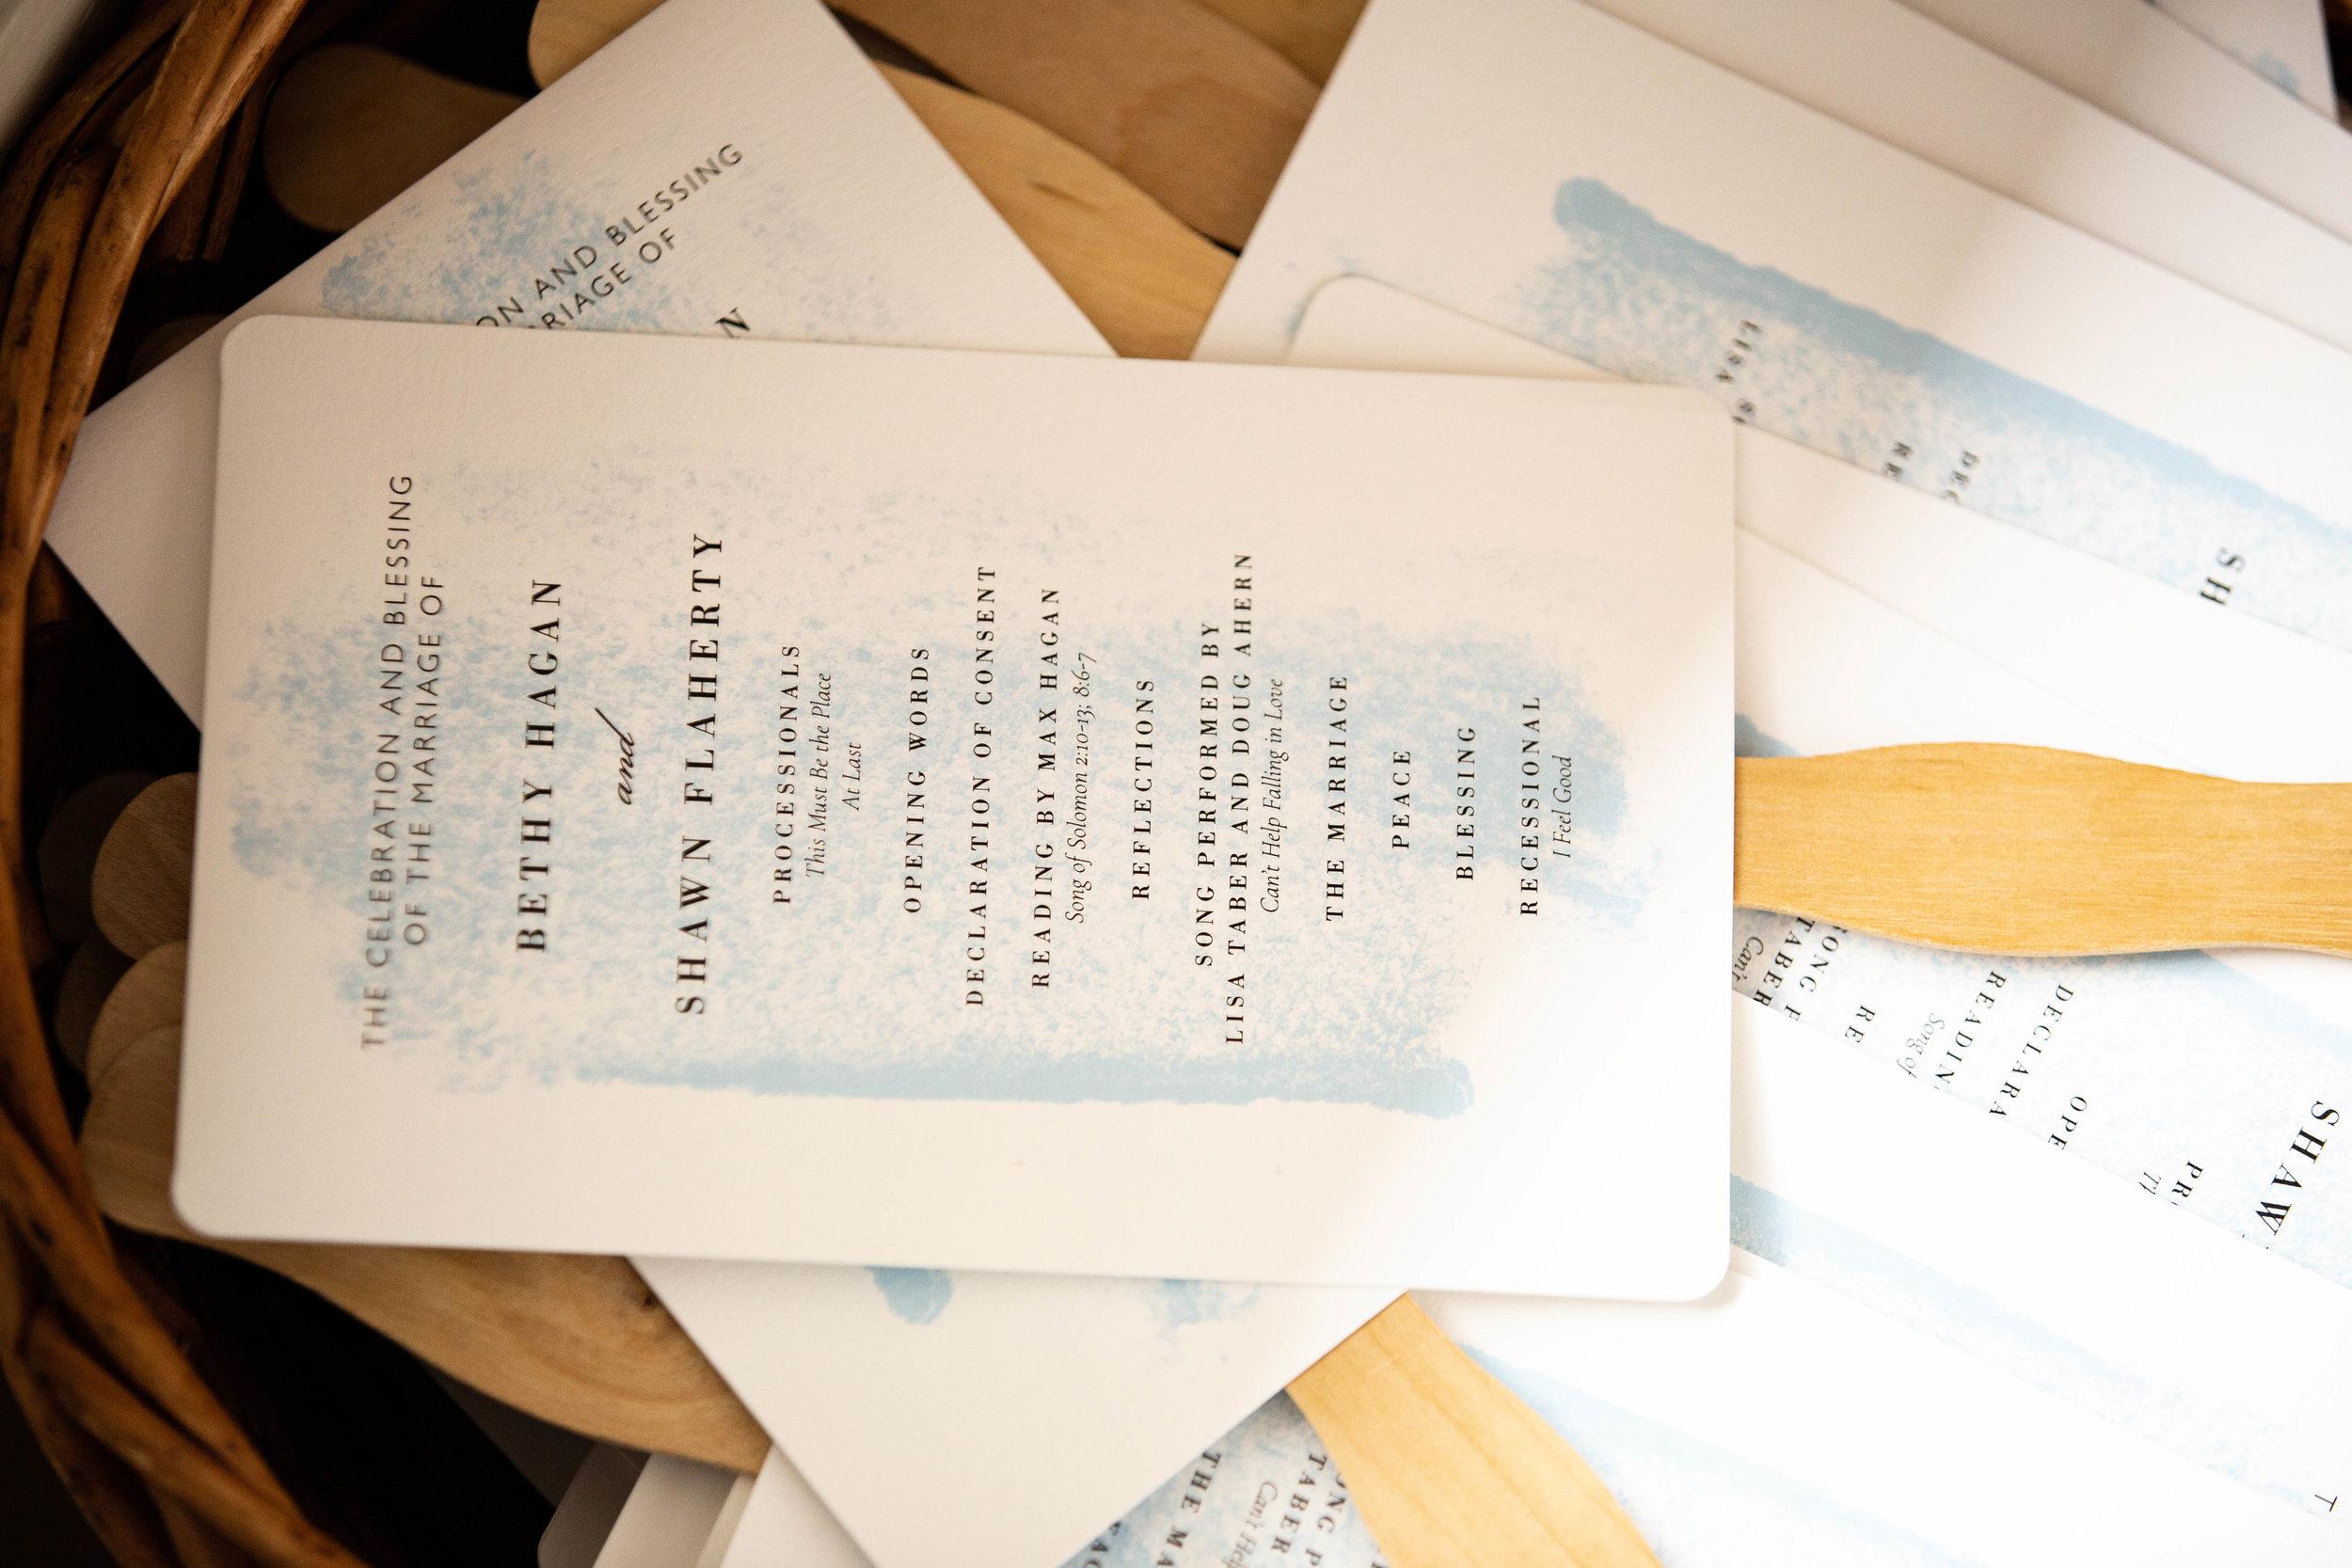 Bethy & Shawn wedding program